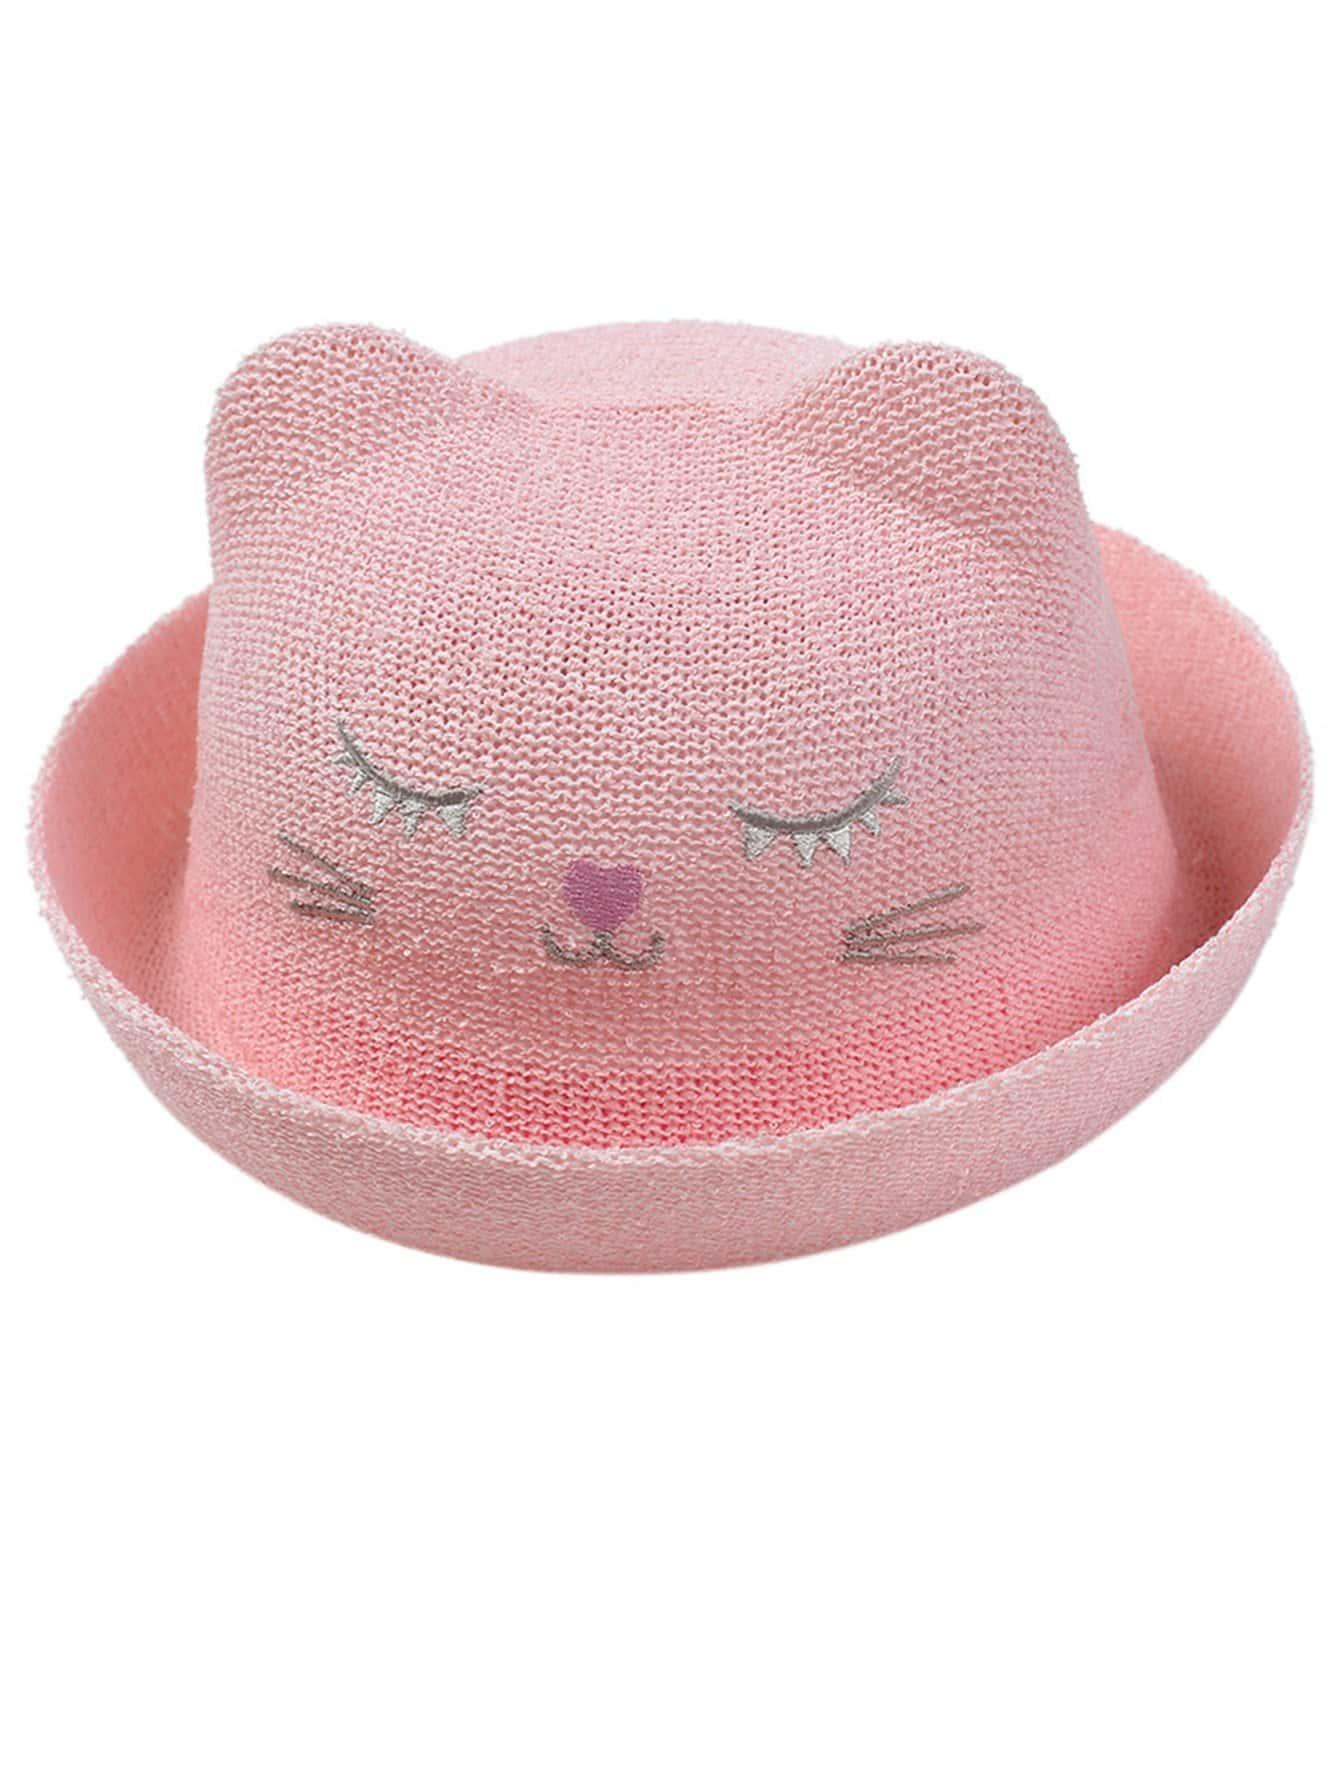 Купить Парадный головной убор и с украшением вышивки для девочки, null, SheIn